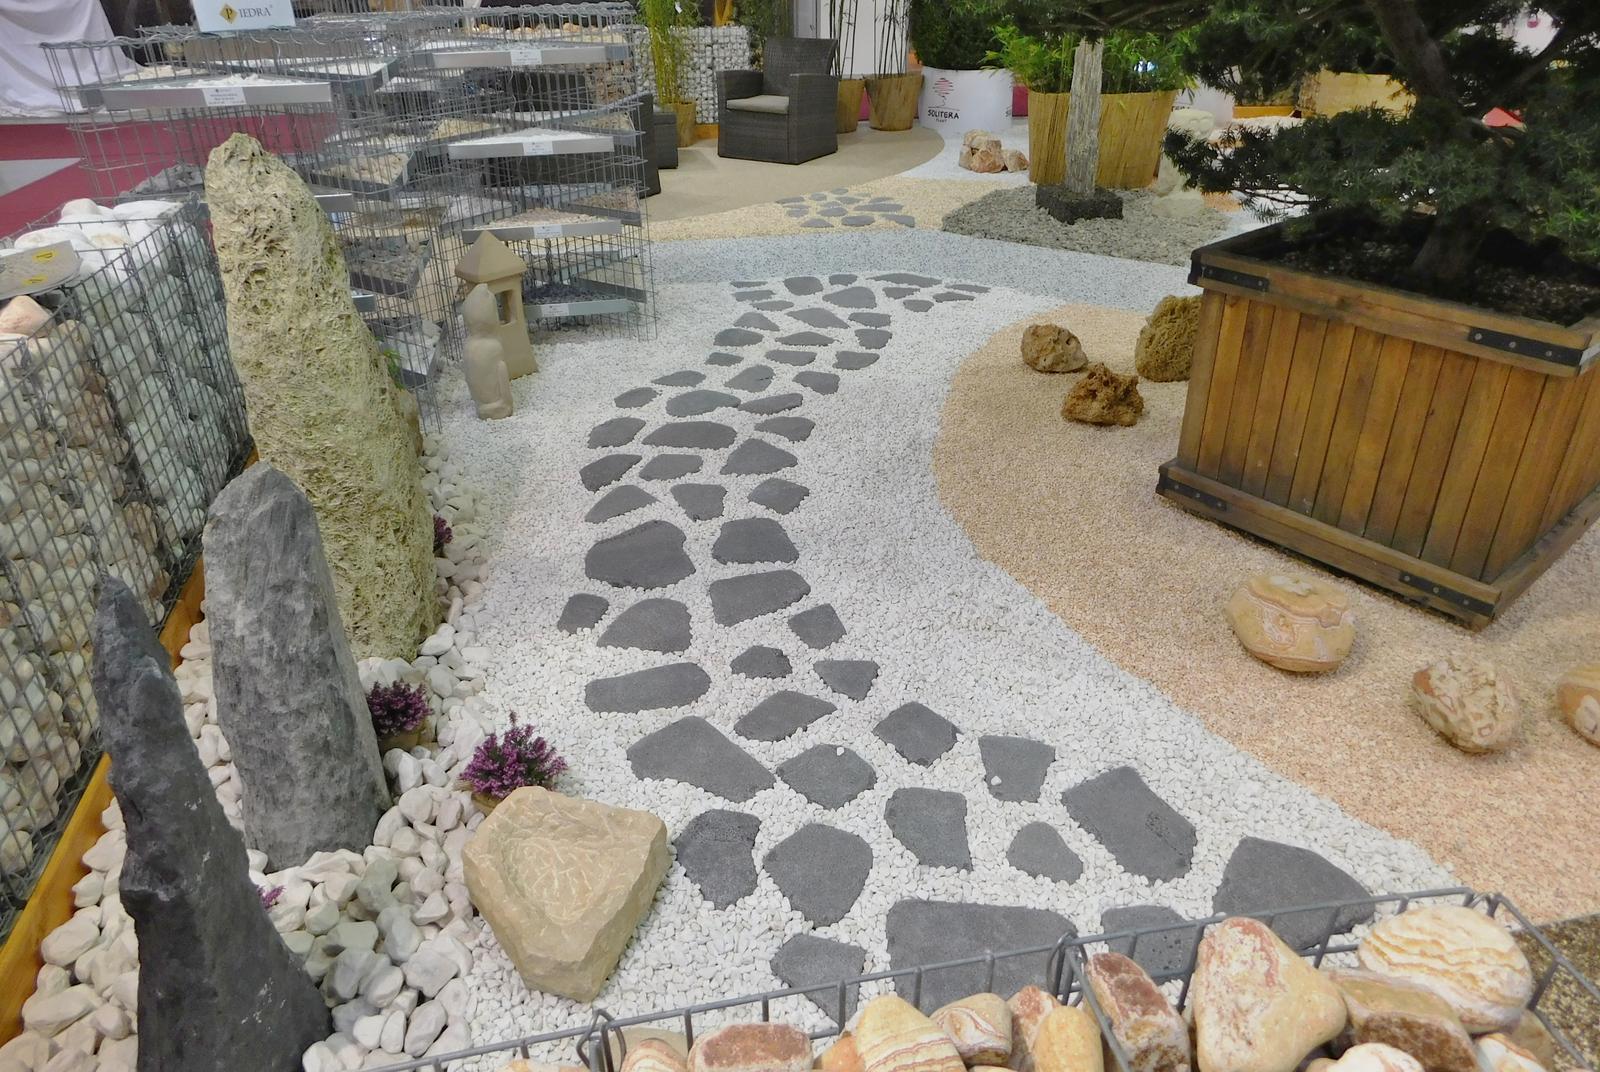 Kamínkový chodníček CHS EPODUR STONE - možnosti desénů a tvarů - Kombinace solitérních kamenů a kamenného chodníčku